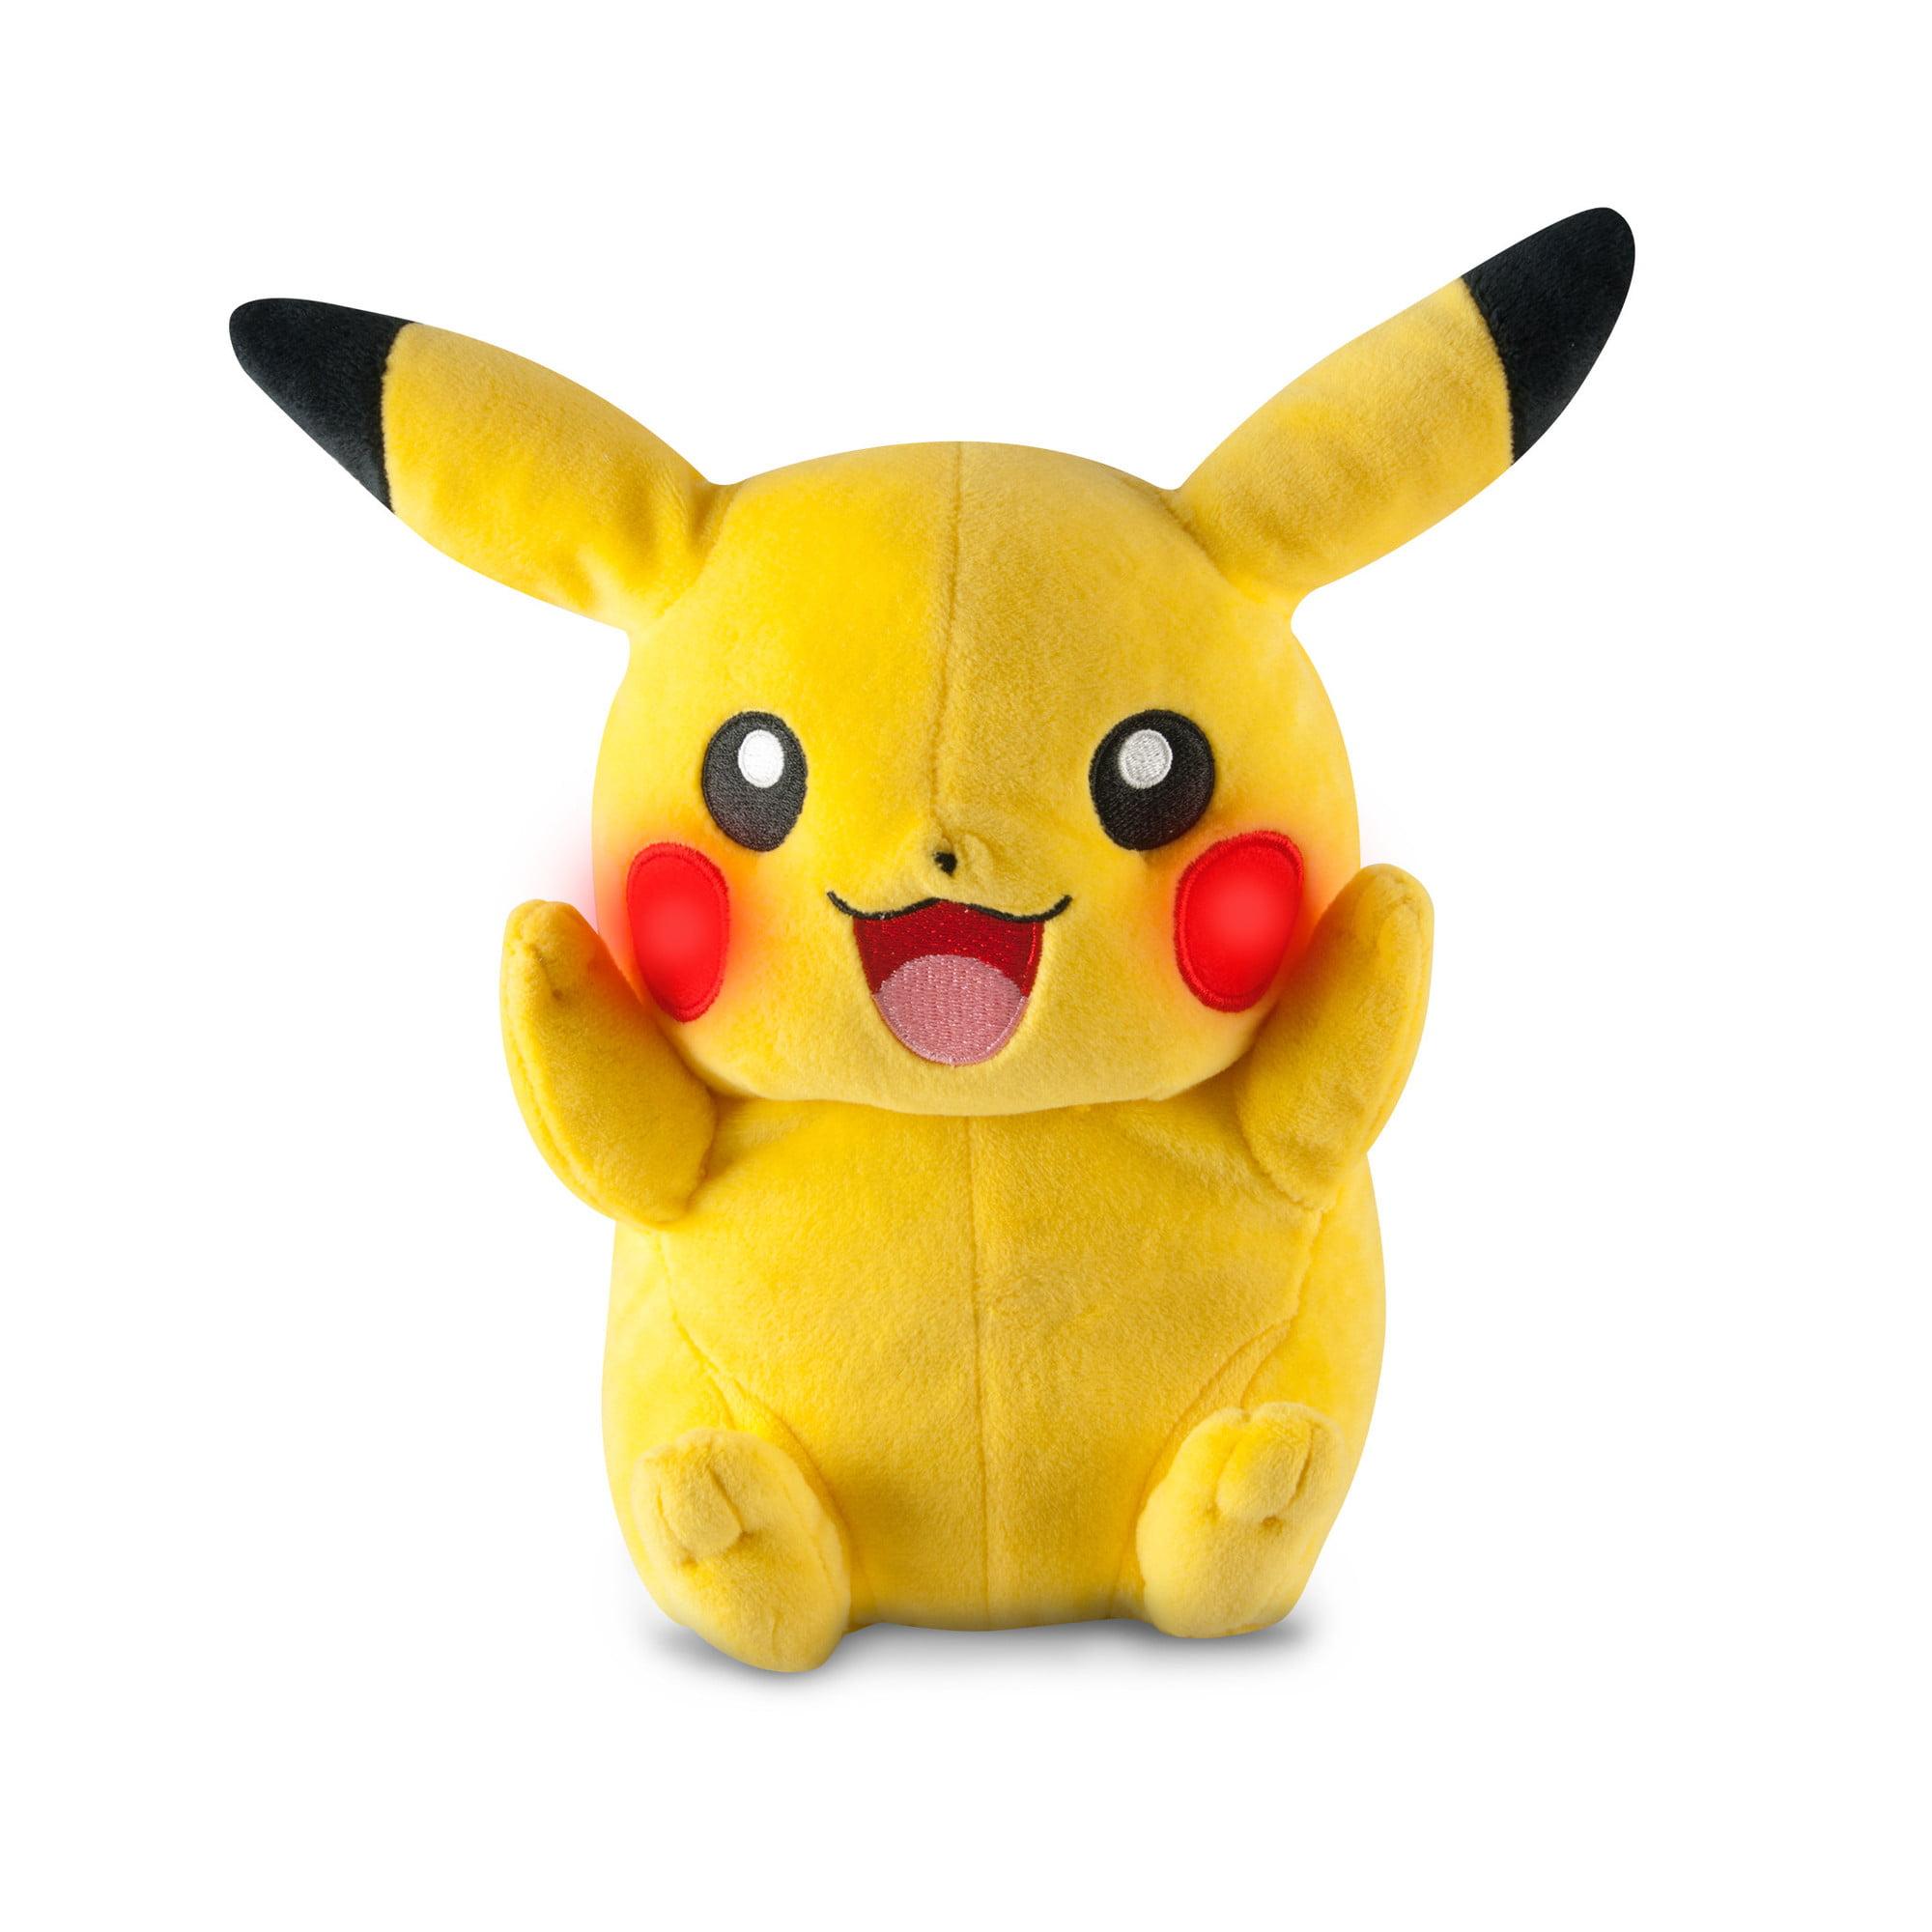 Pokmon My Friend Pikachu Plush by TOMY